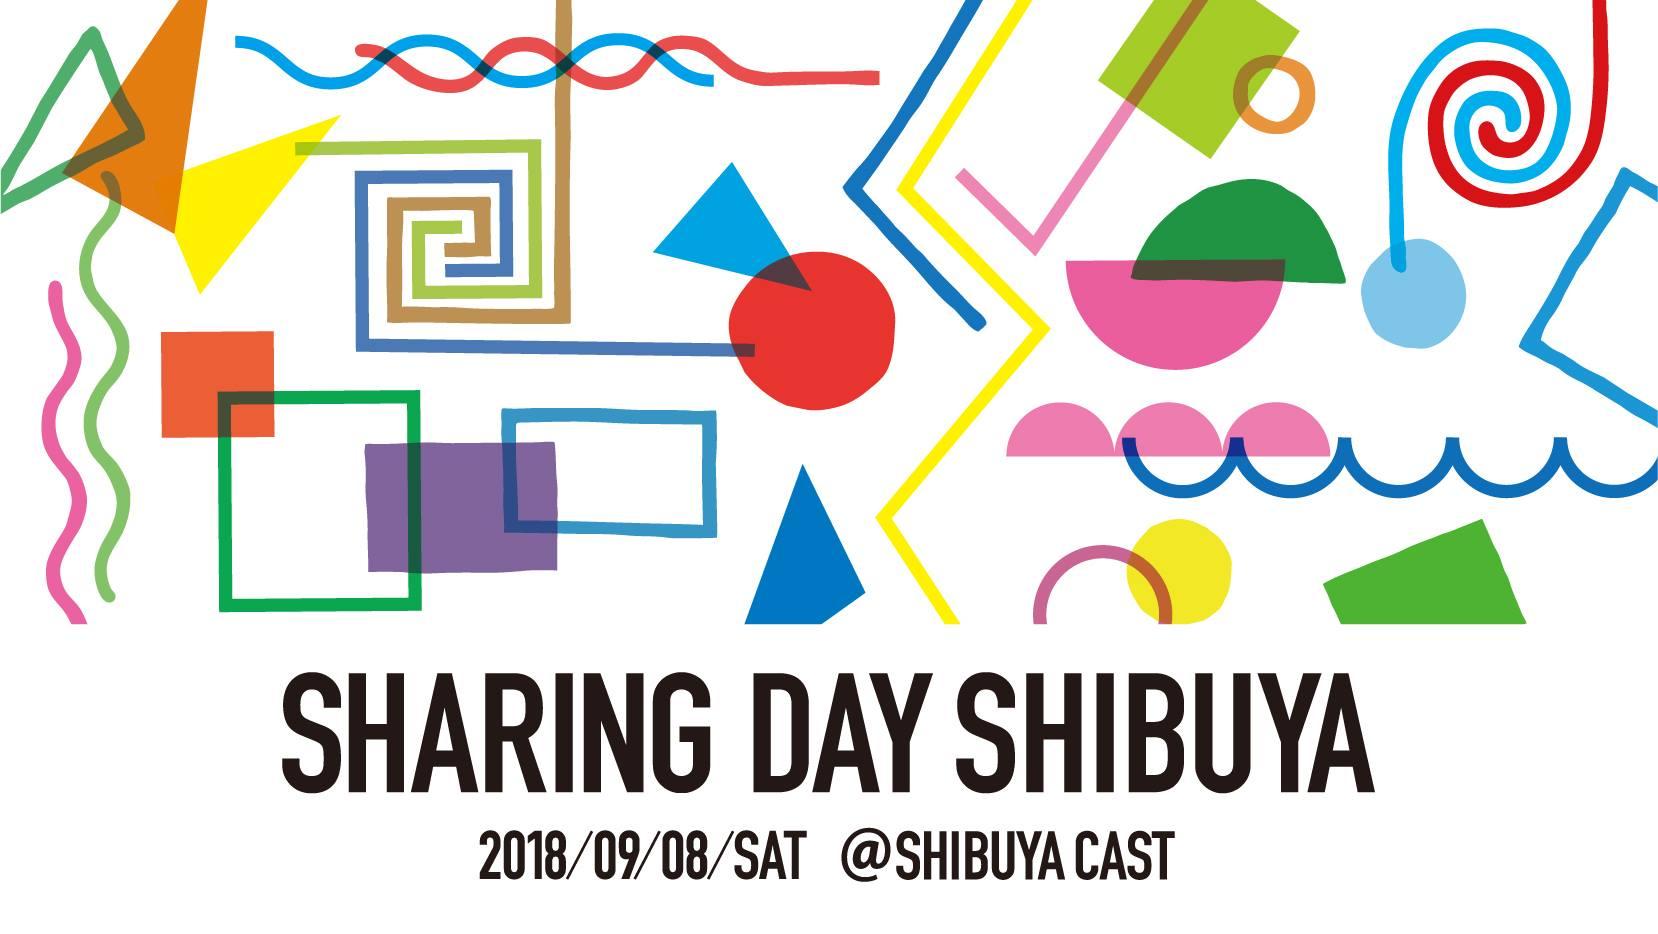 日本最大のシェアリングエコノミーの祭典 「SHARING DAY 2018」開催が決定